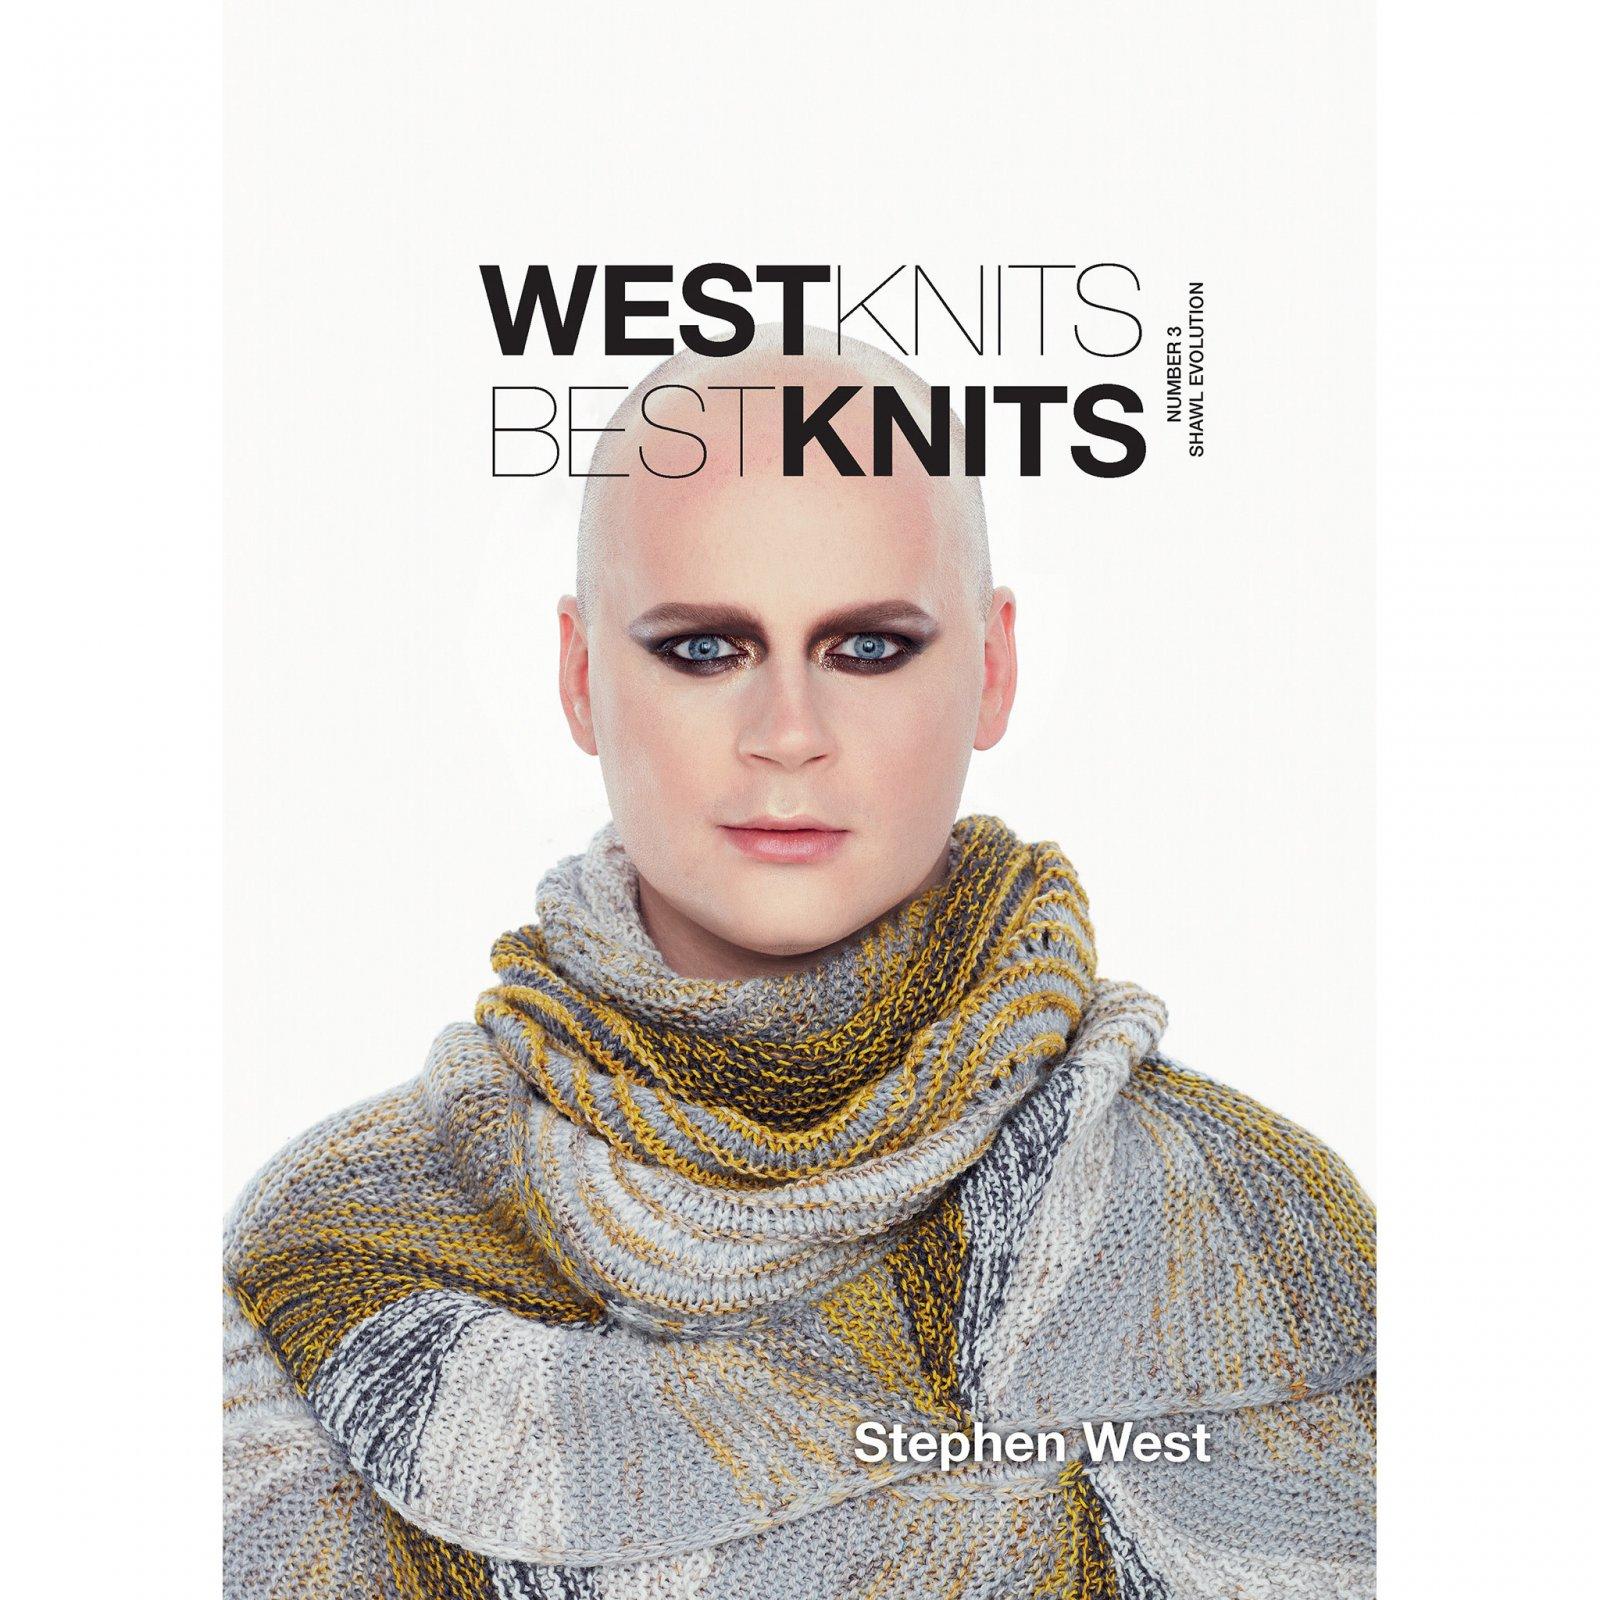 WestKnits Best Knits 3